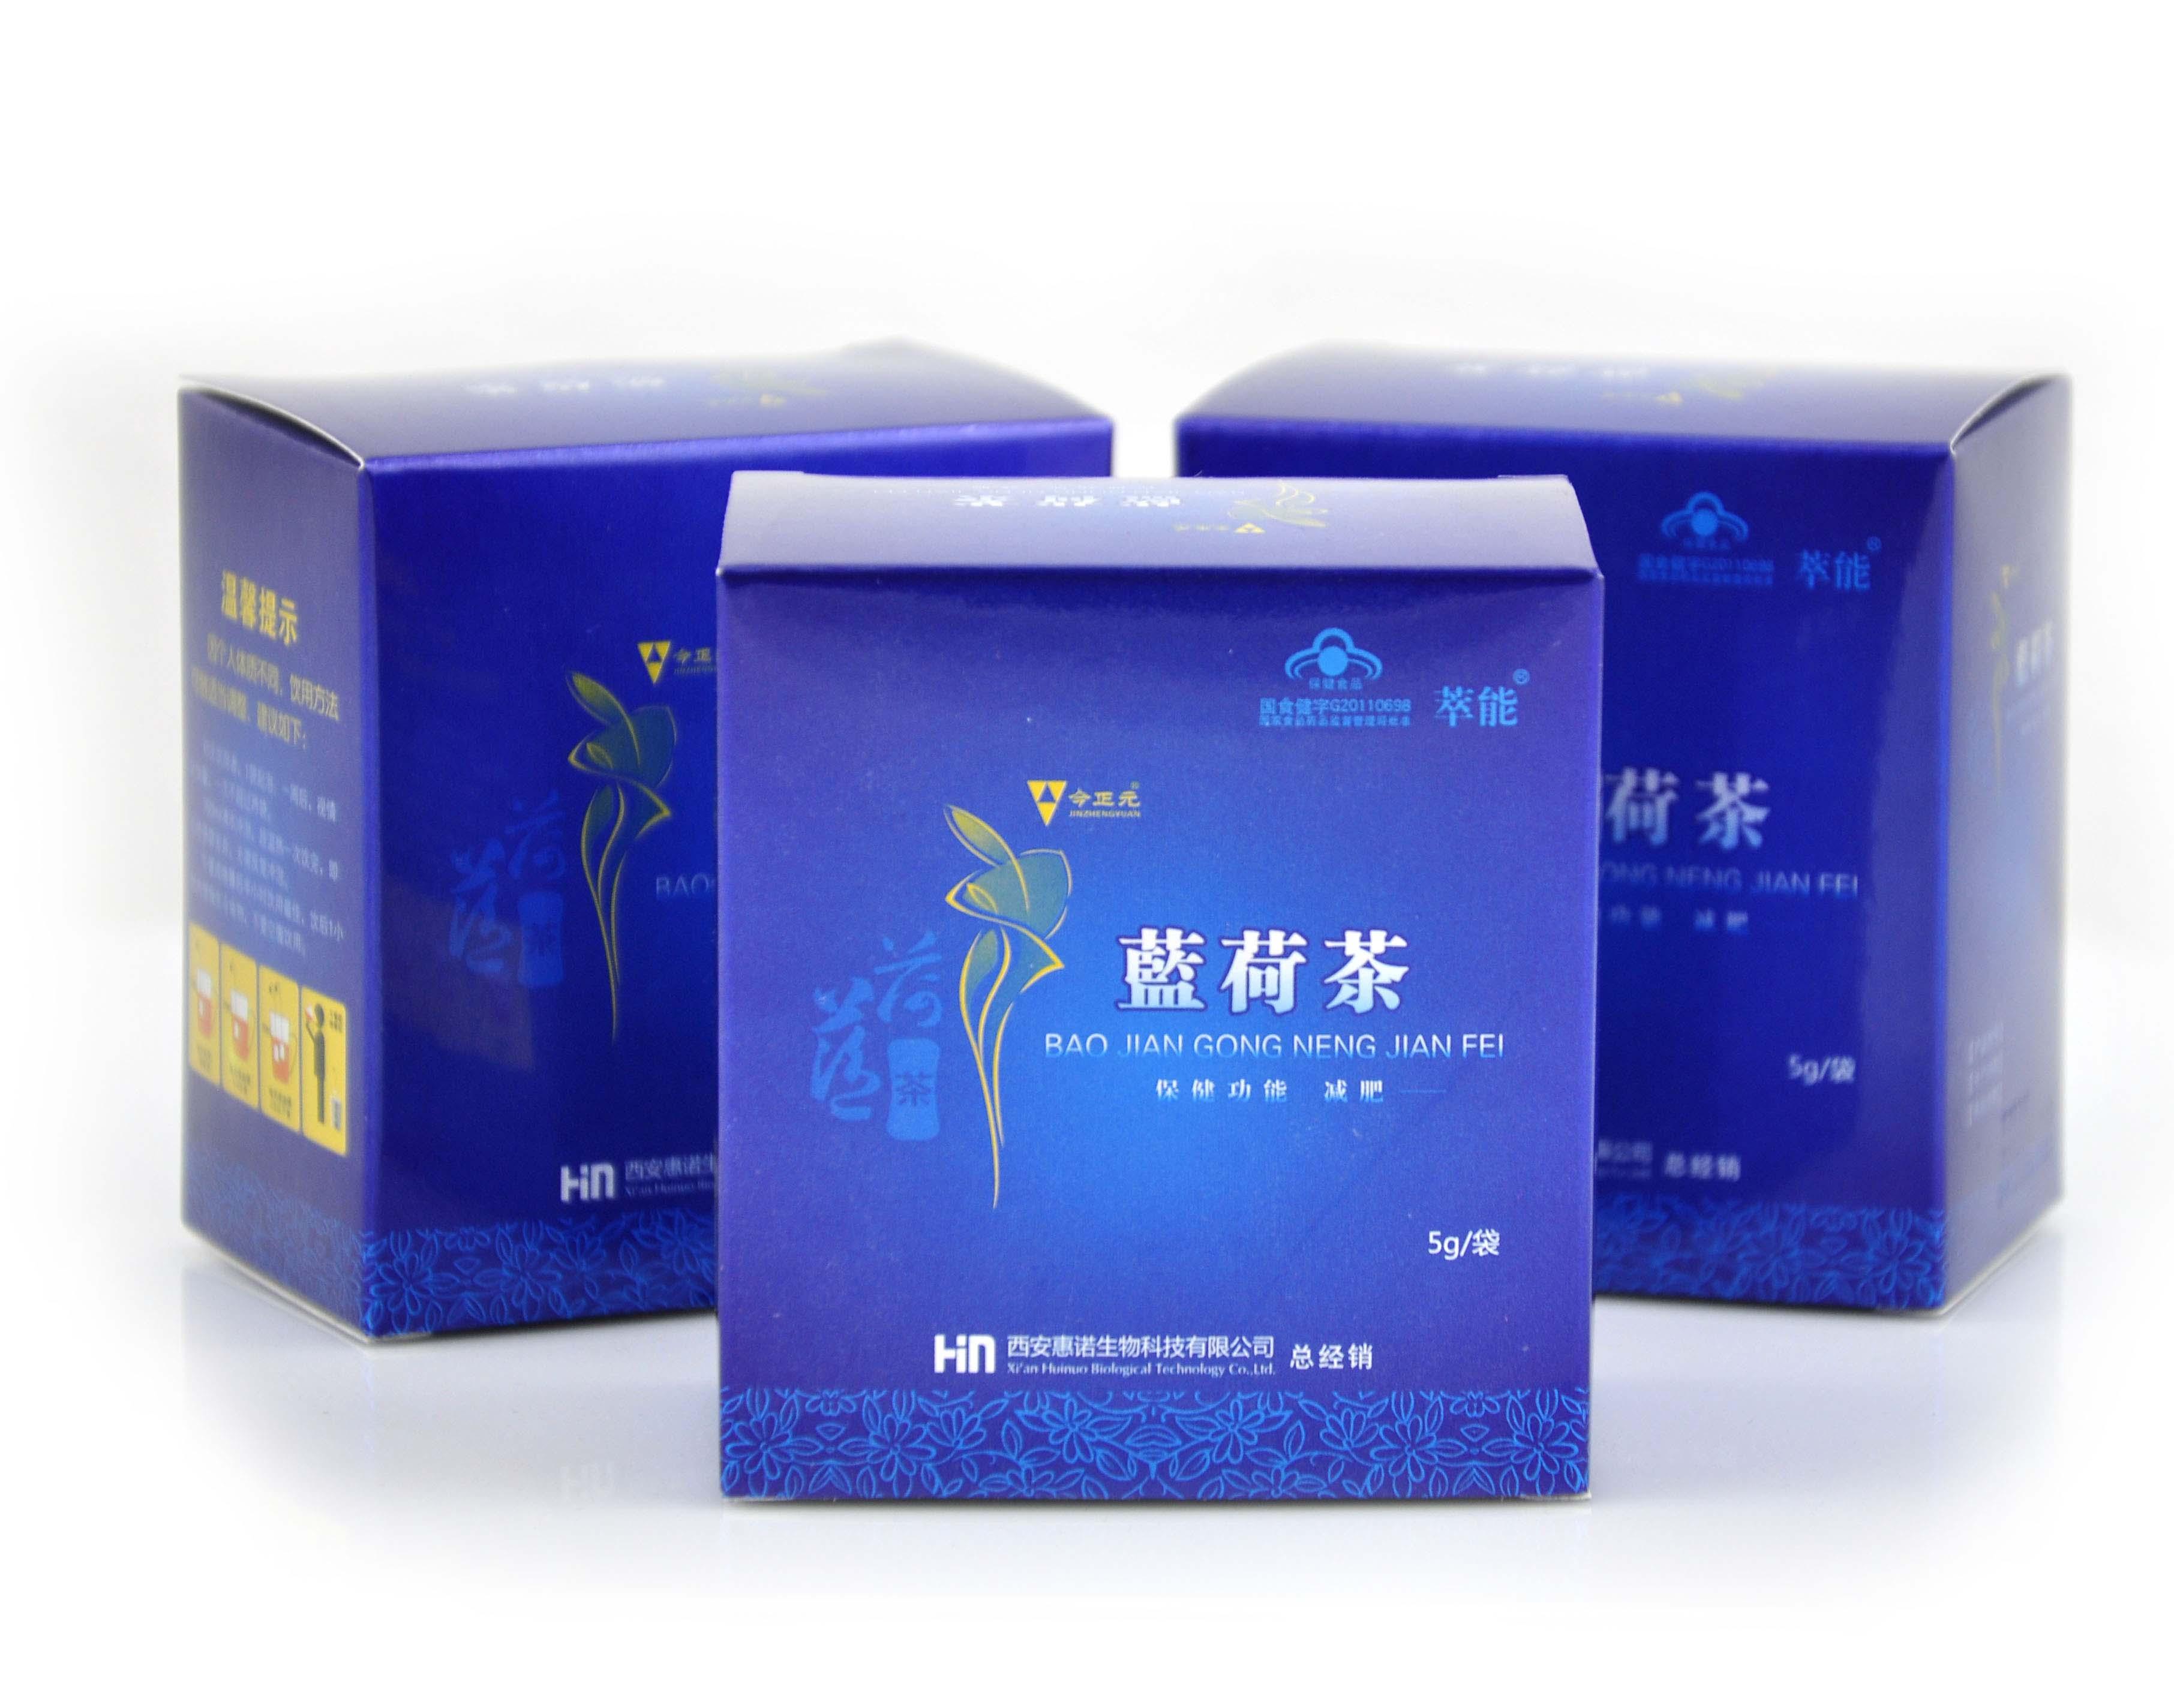 减肥茶 减肥产品 瘦身产品 今正元蓝荷茶